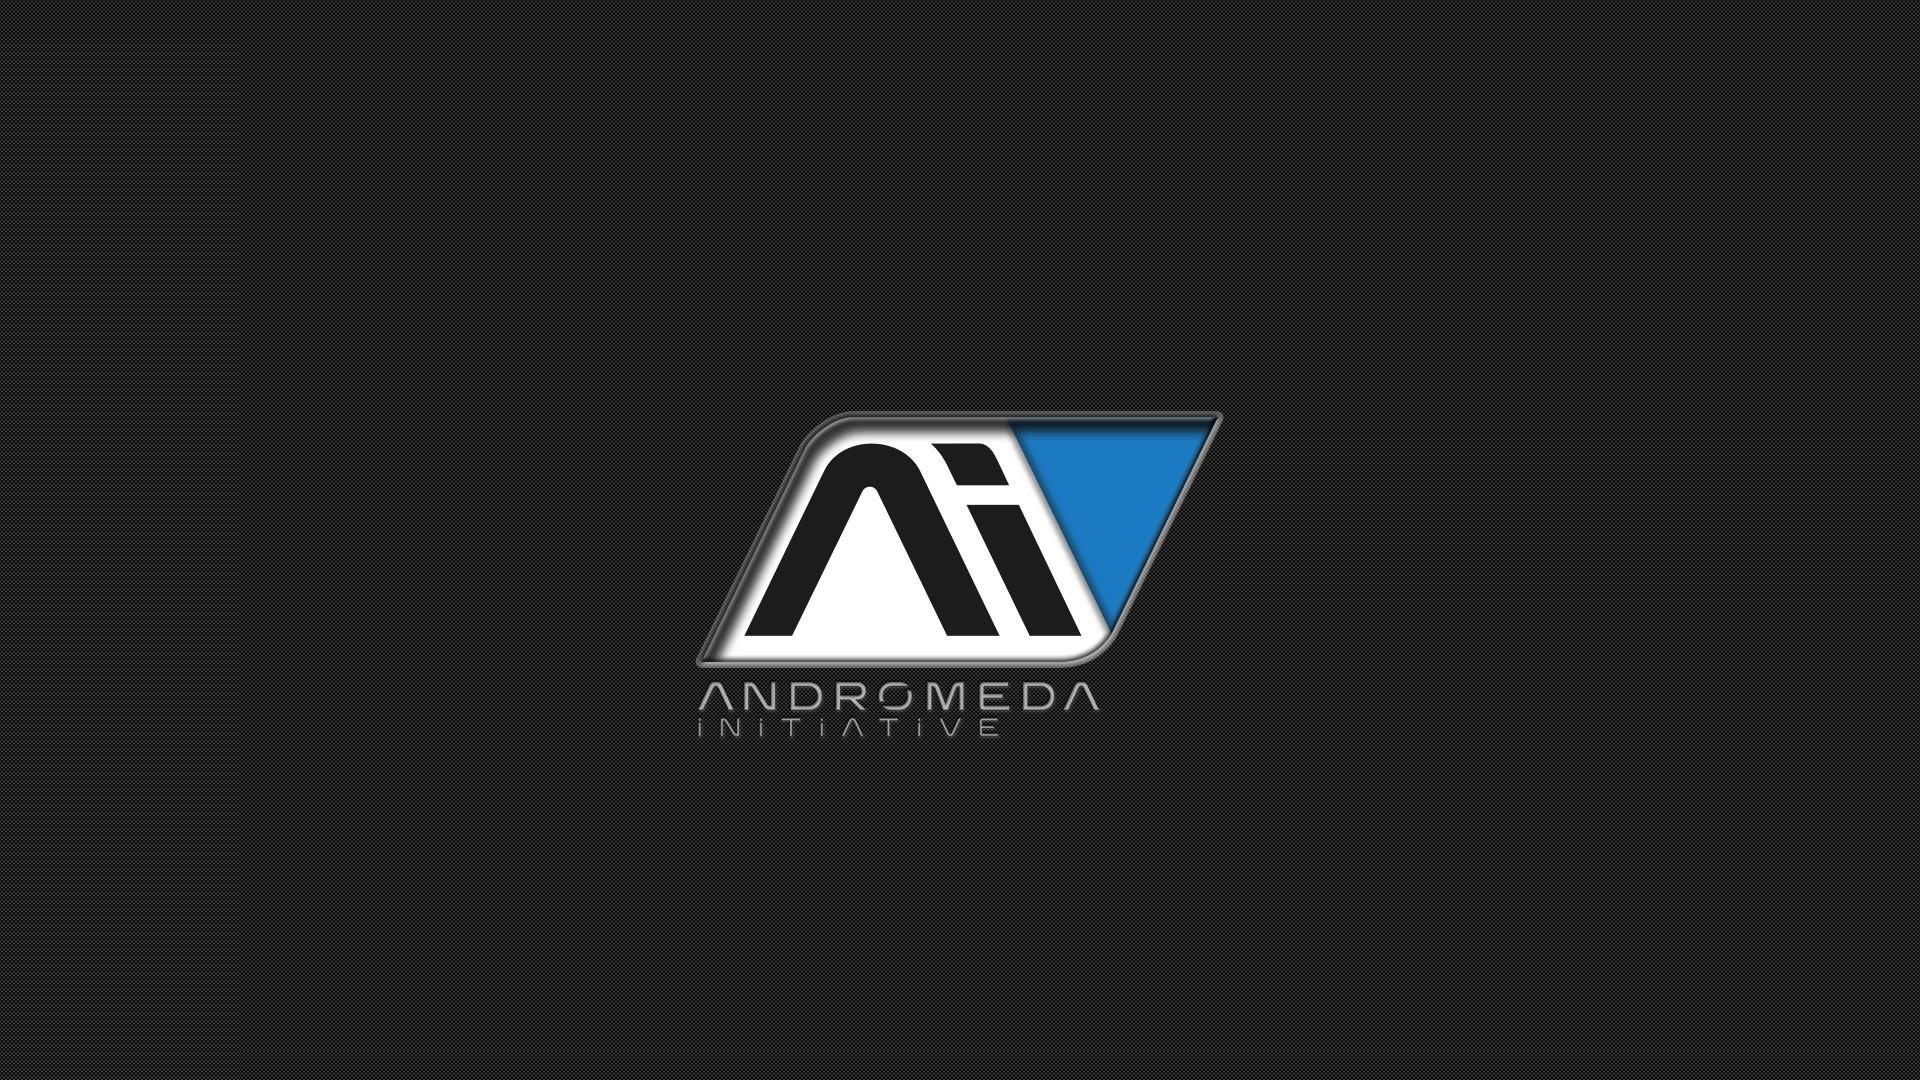 Wallpaper : artwork, text, logo, Mass Effect Andromeda.